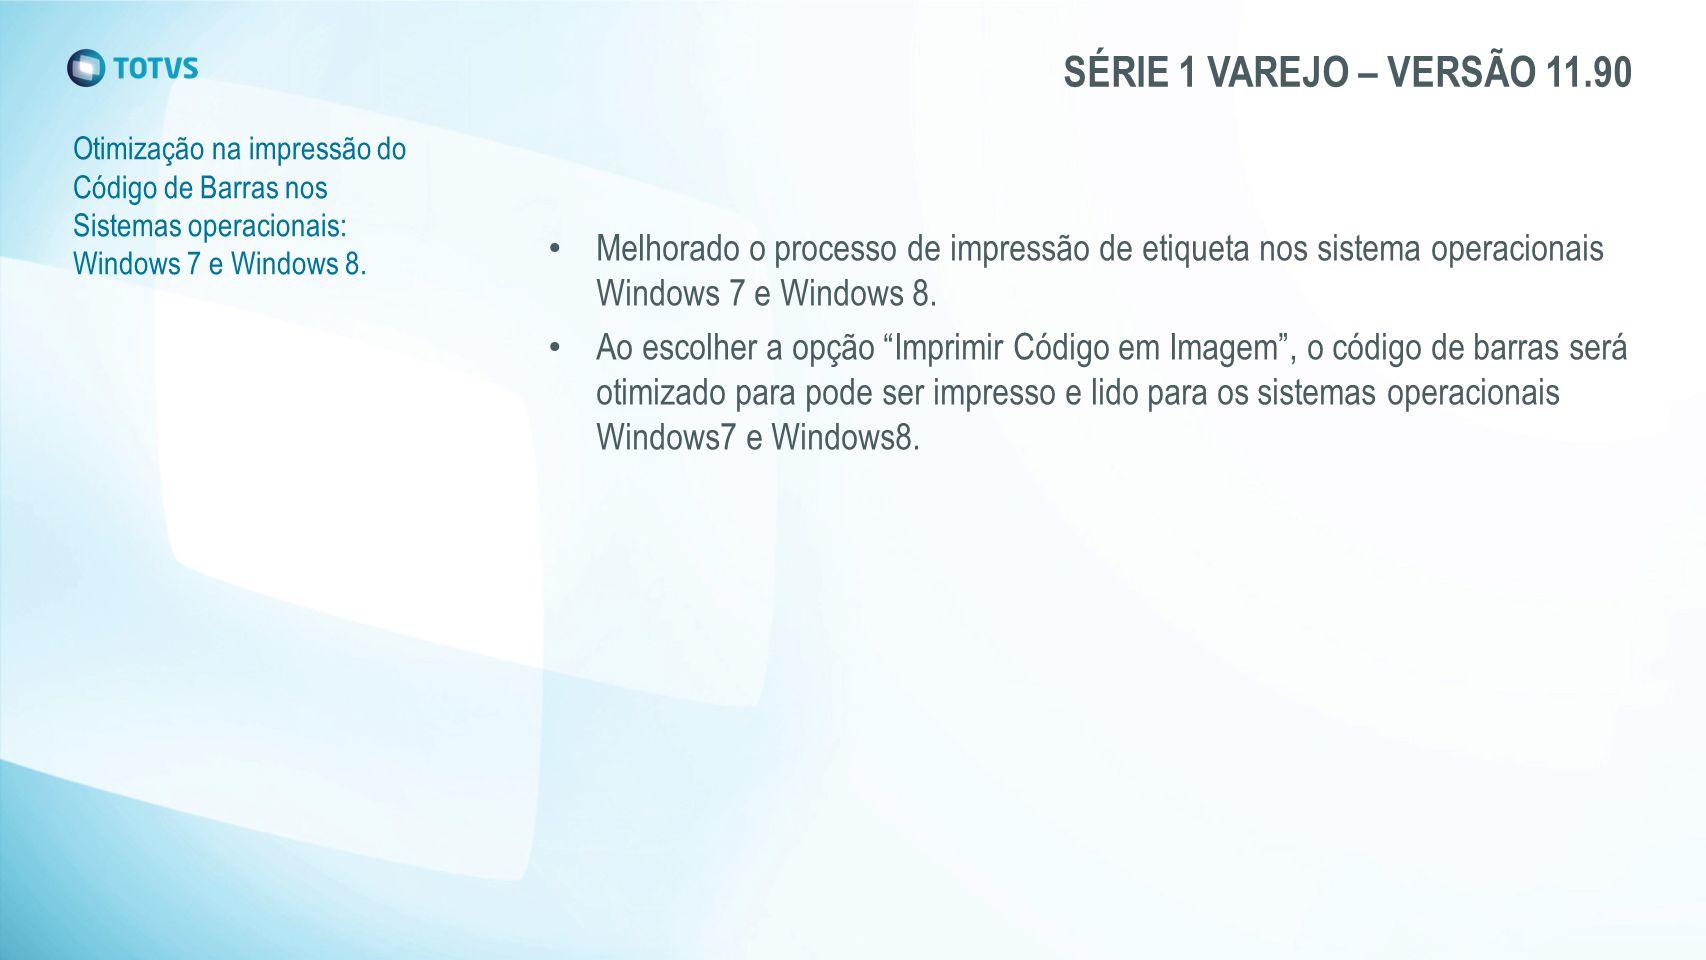 SÉRIE 1 VAREJO – VERSÃO 11.90 Otimização na impressão do Código de Barras nos Sistemas operacionais: Windows 7 e Windows 8.